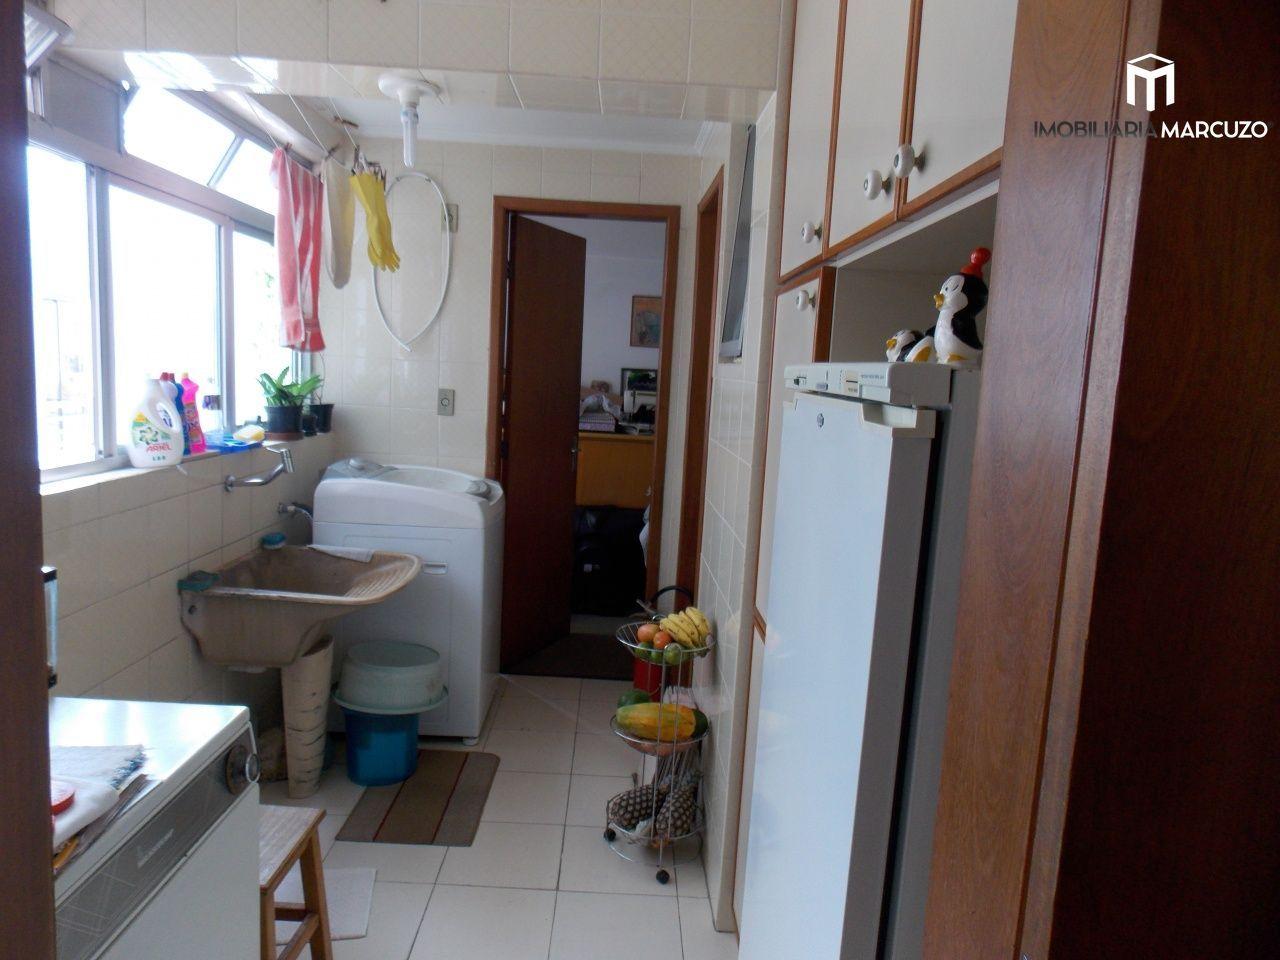 Apartamento com 3 Dormitórios à venda, 127 m² por R$ 490.000,00